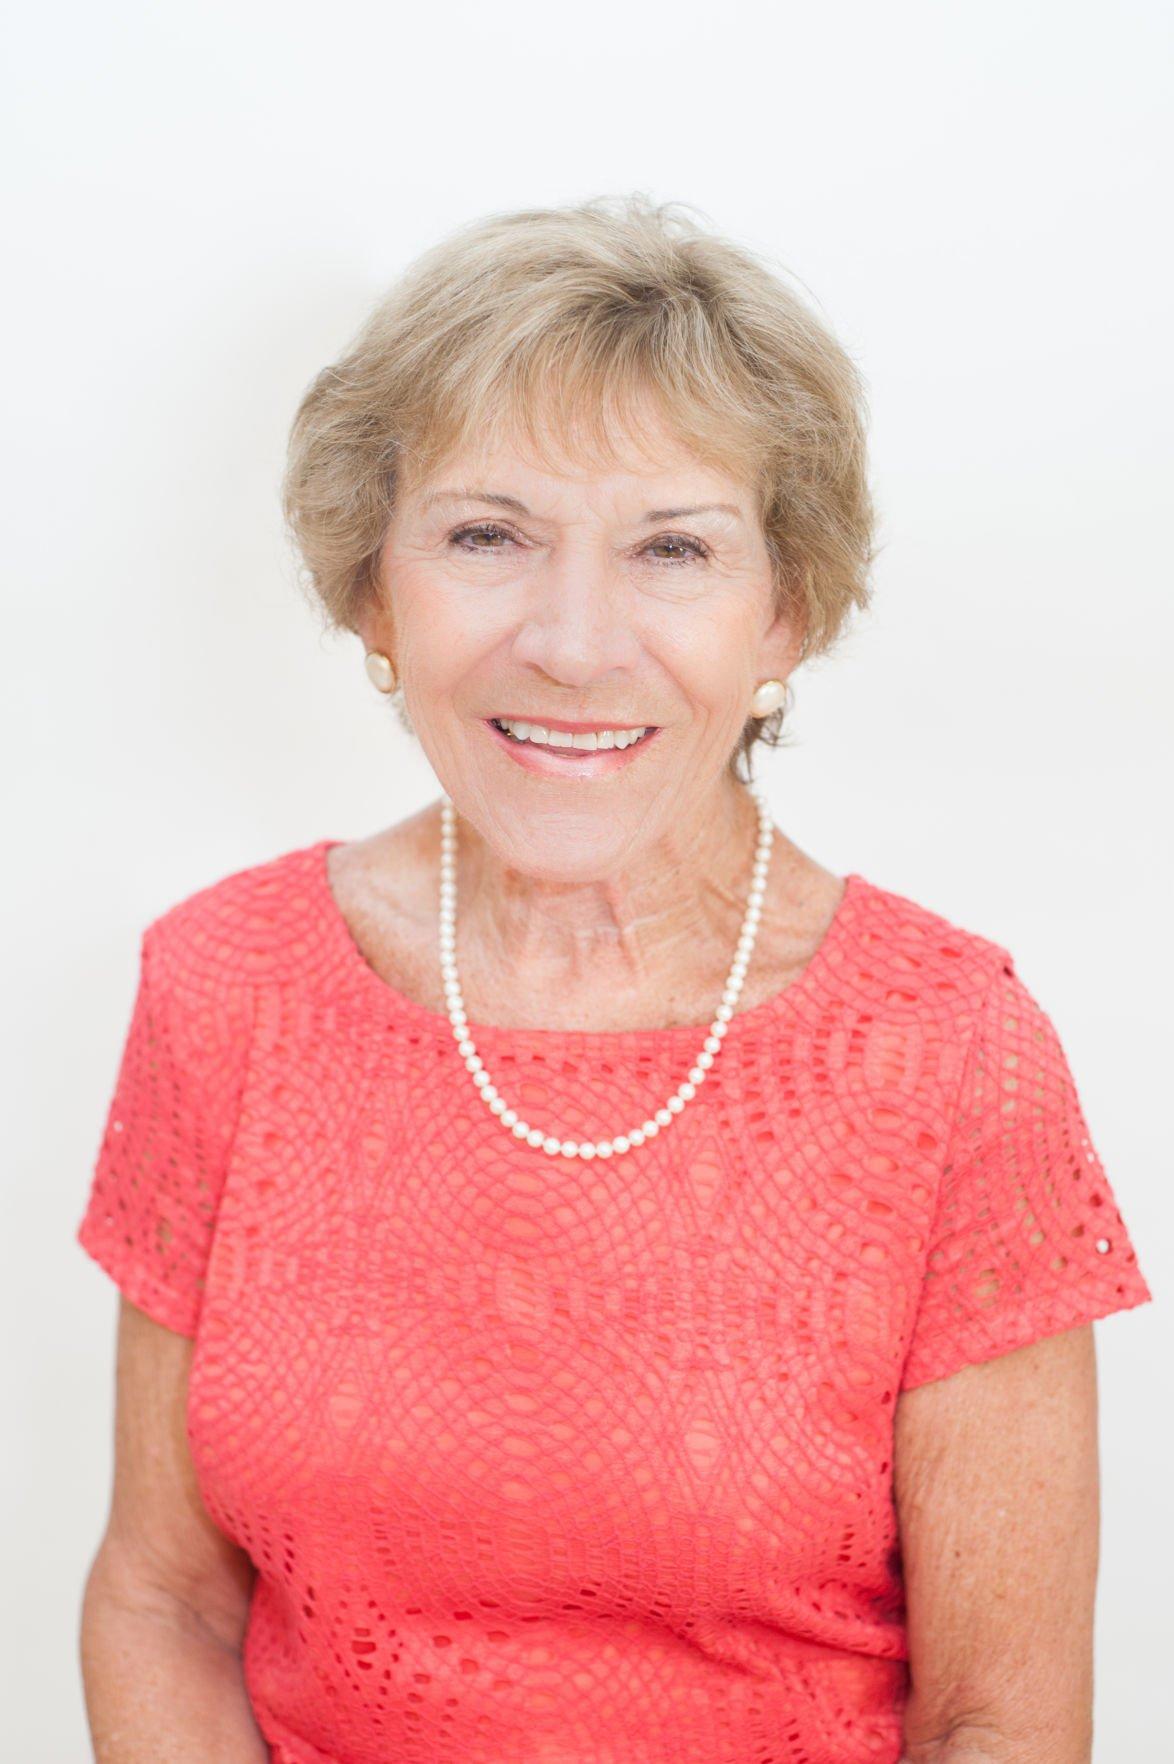 Brenda Blackburn